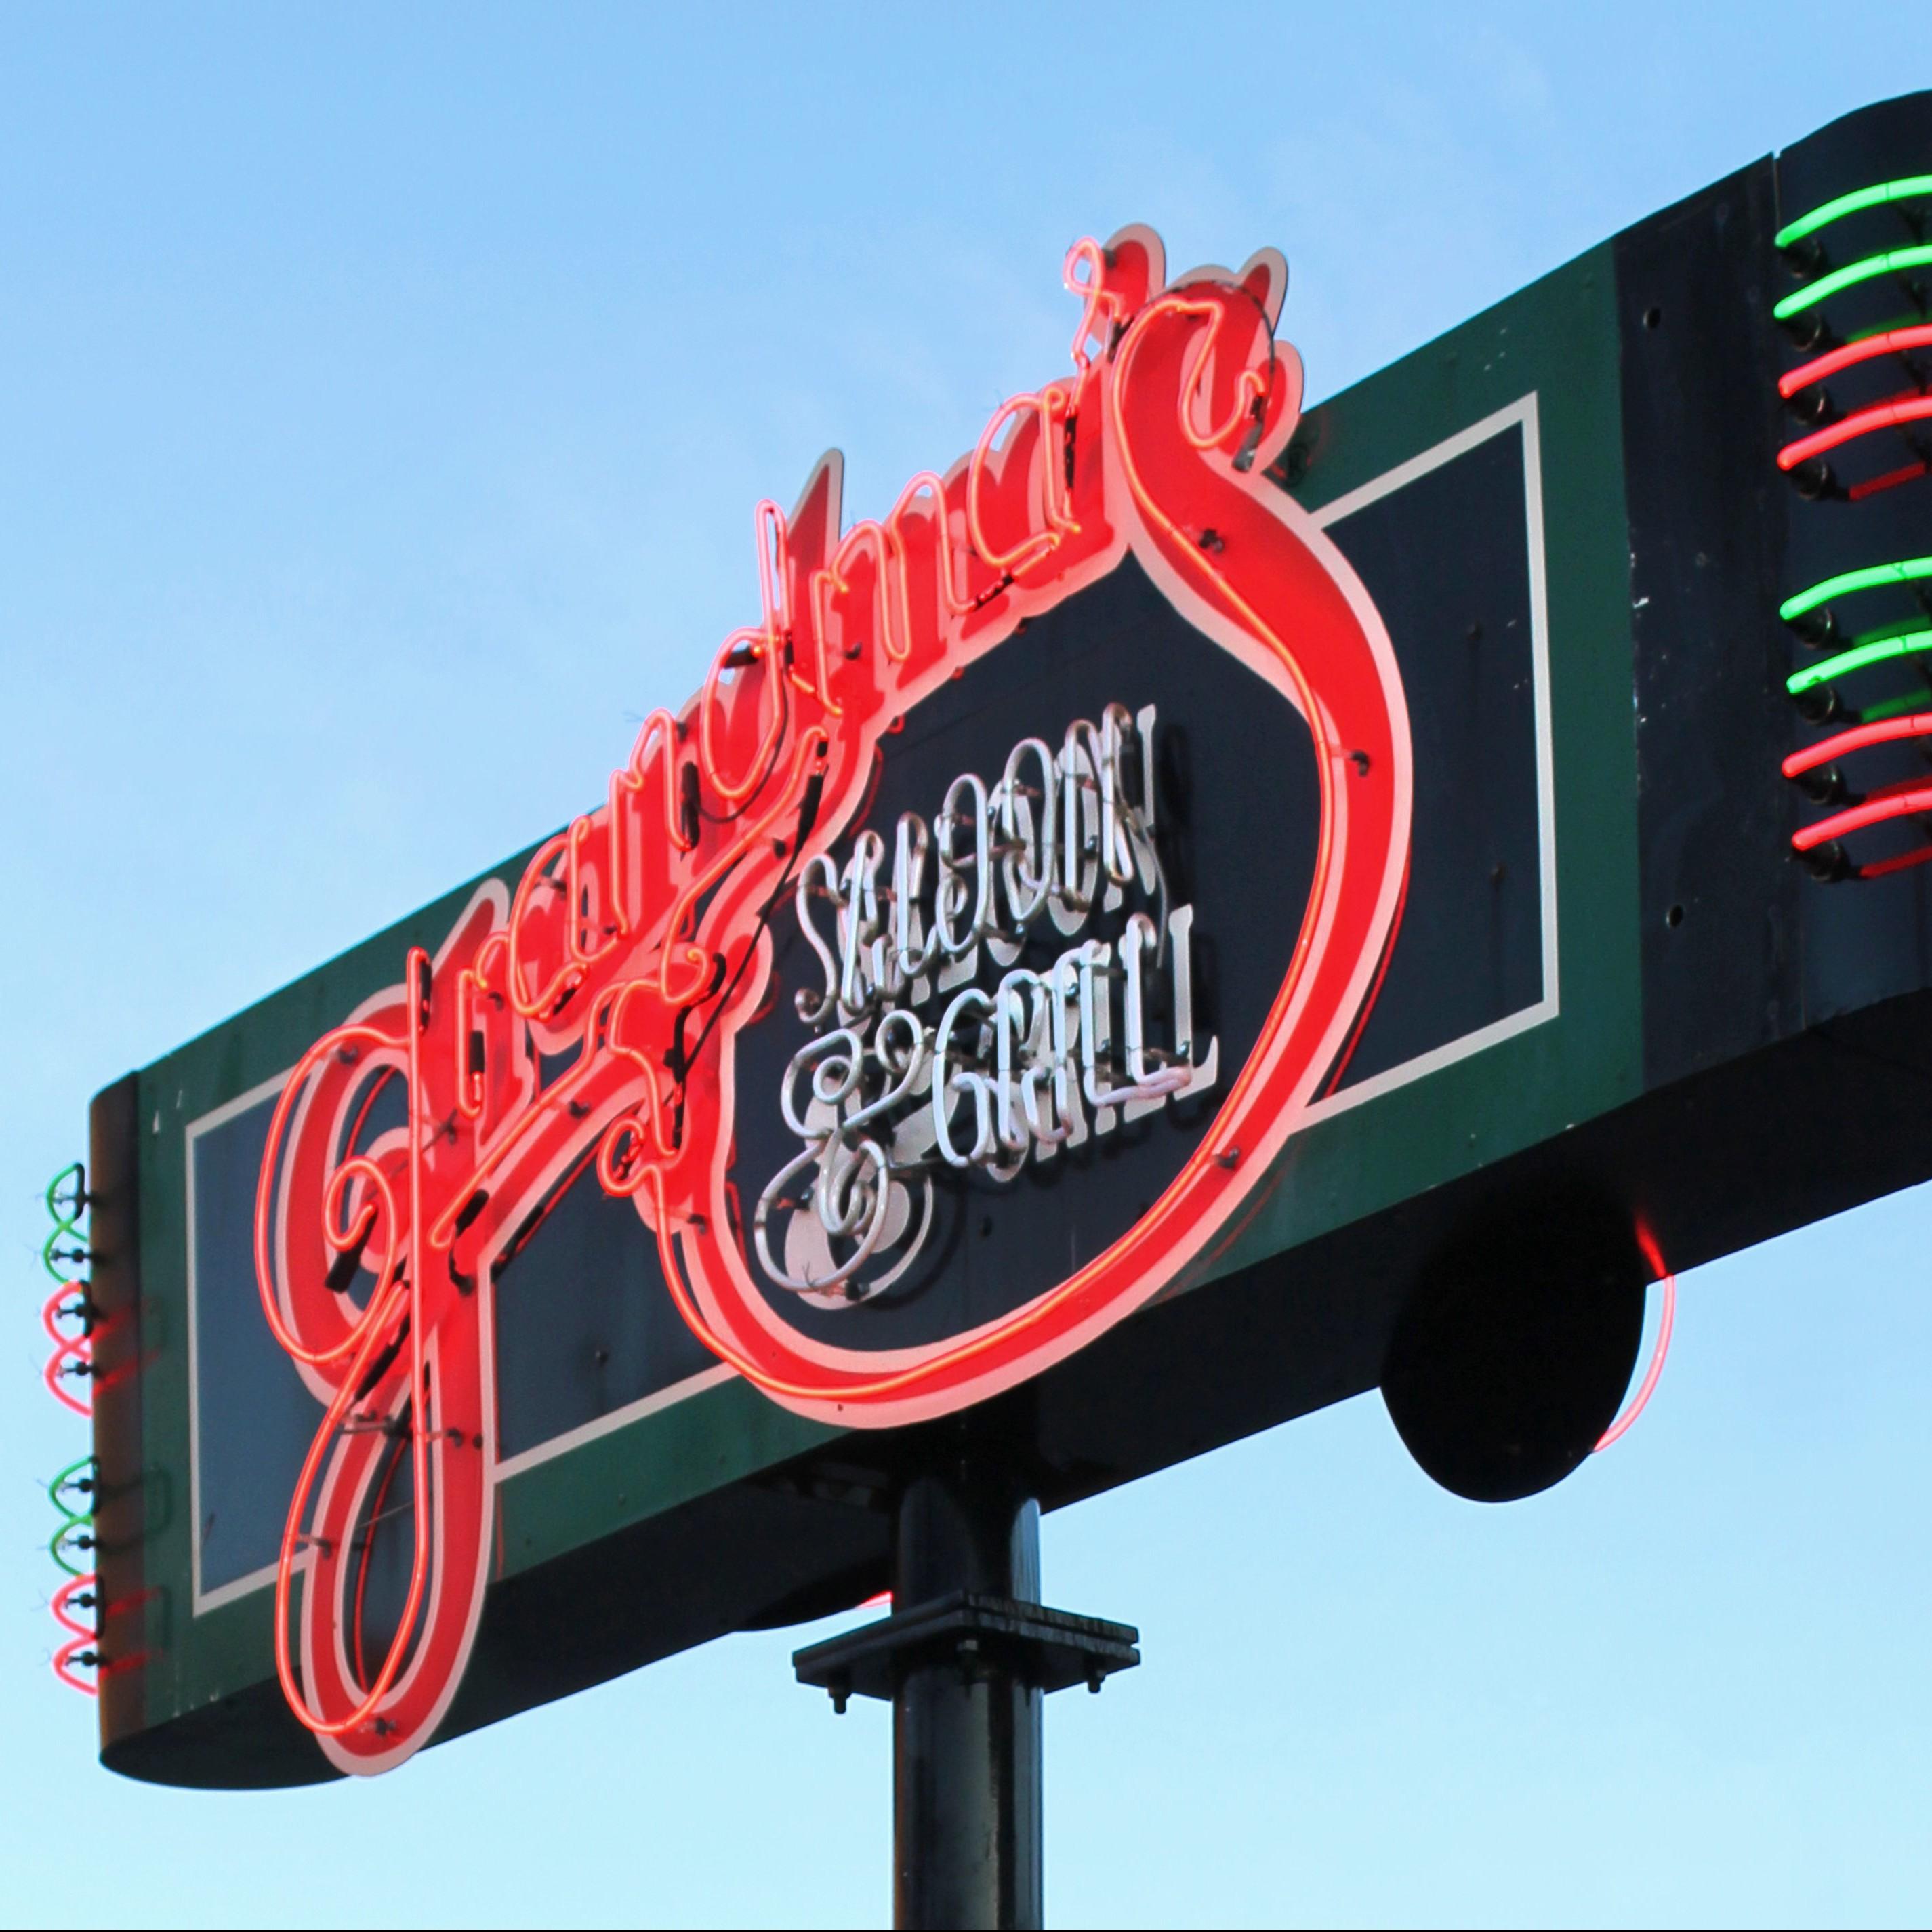 Grandma's Saloon & Grill Street Sign